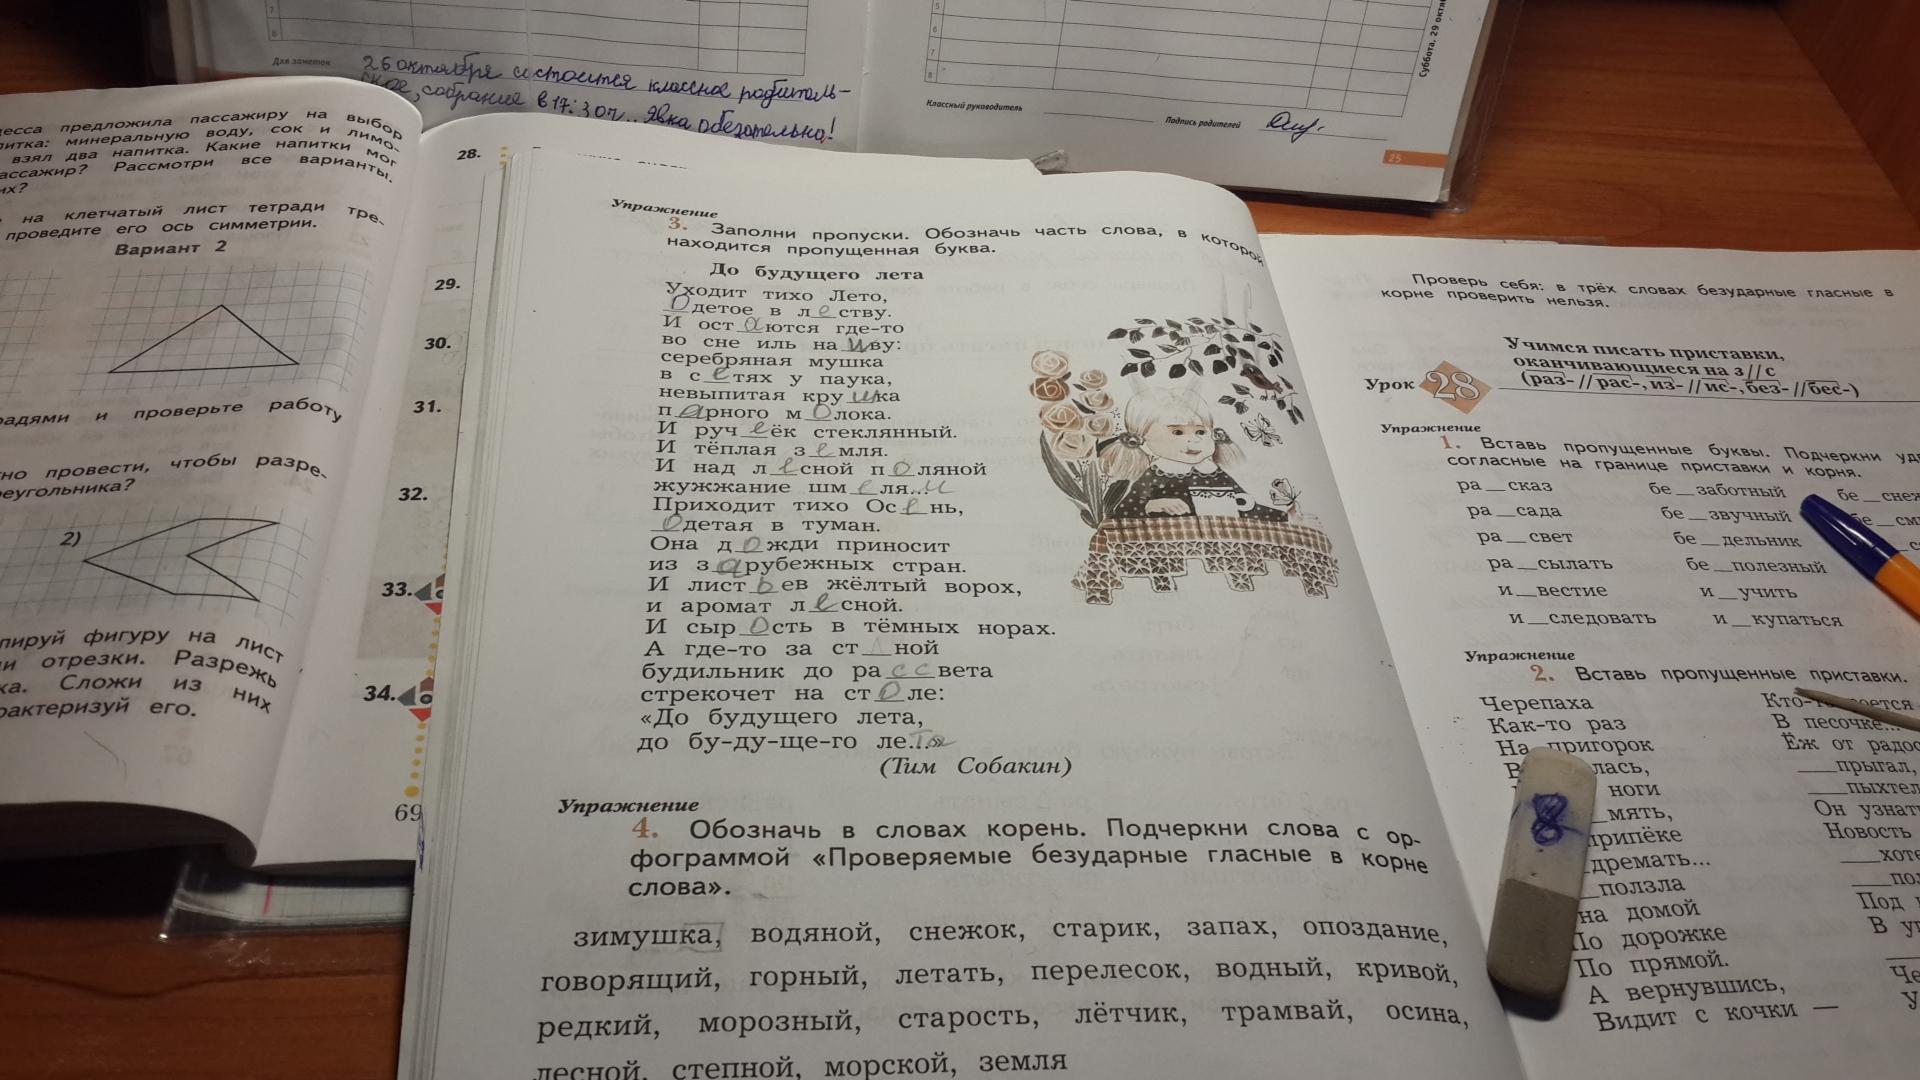 Помощник по русскому языку 3 класс верниковская грабчикова демина